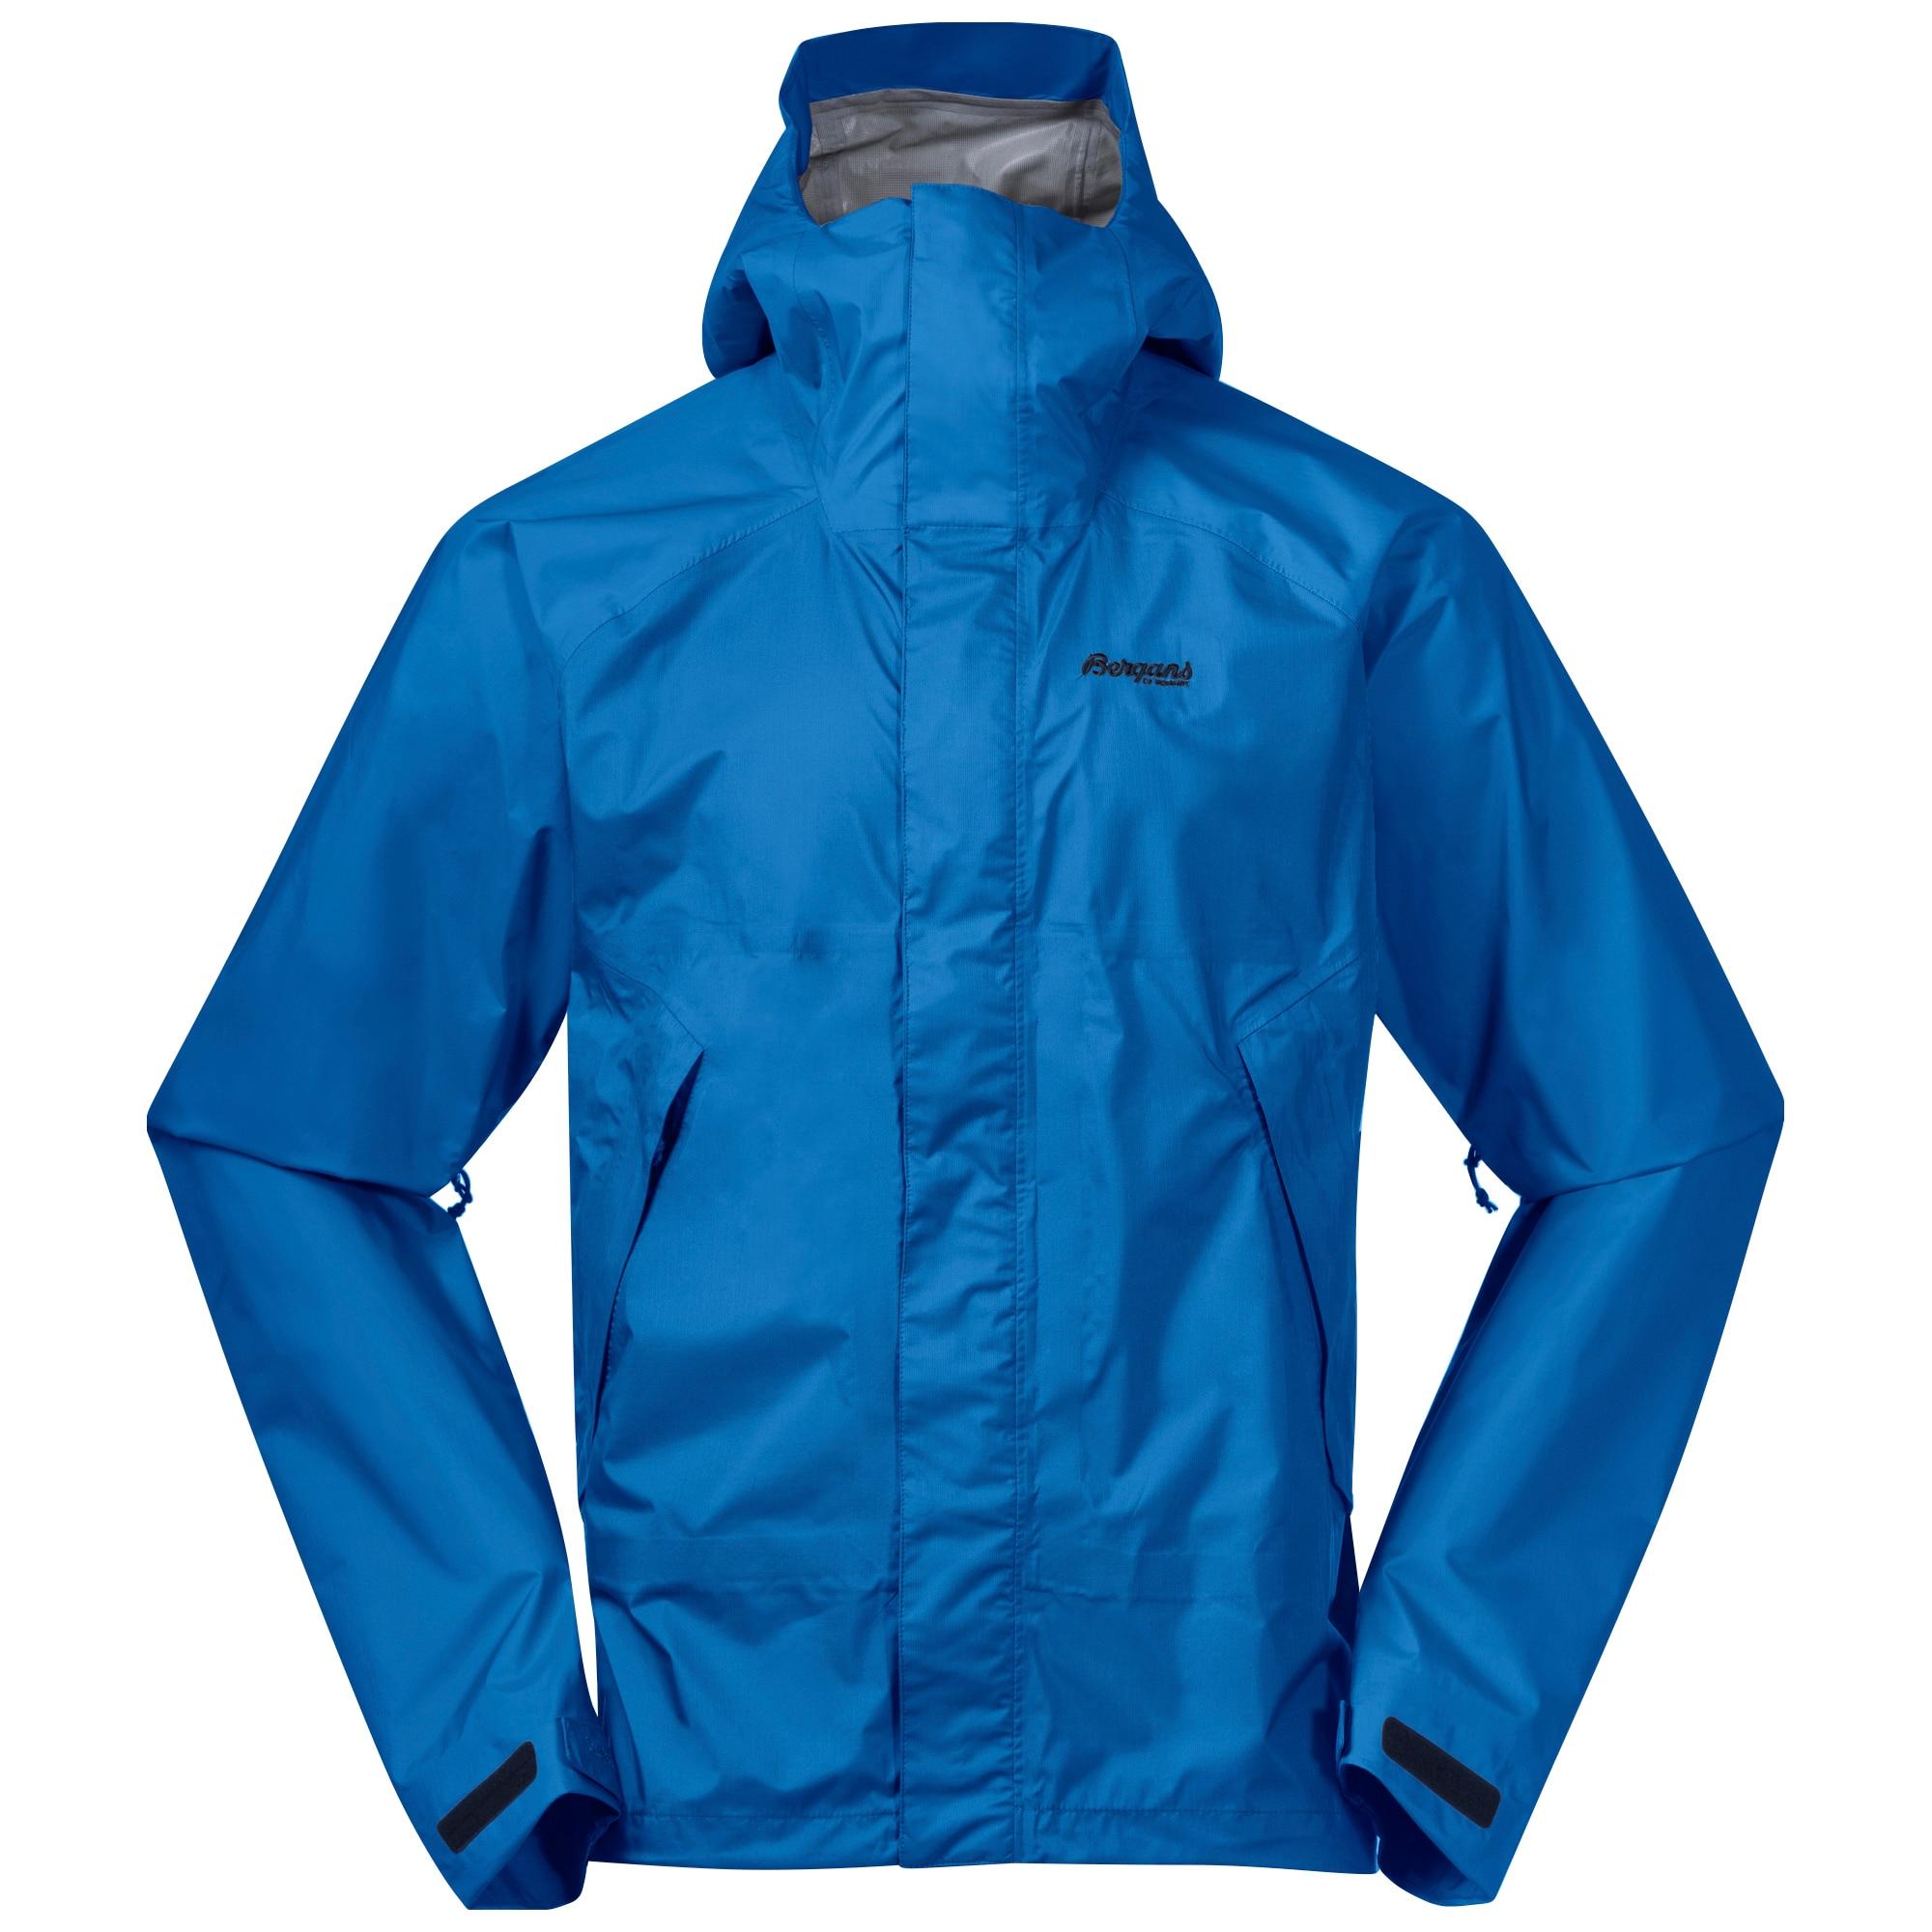 Vatne 3L Jacket